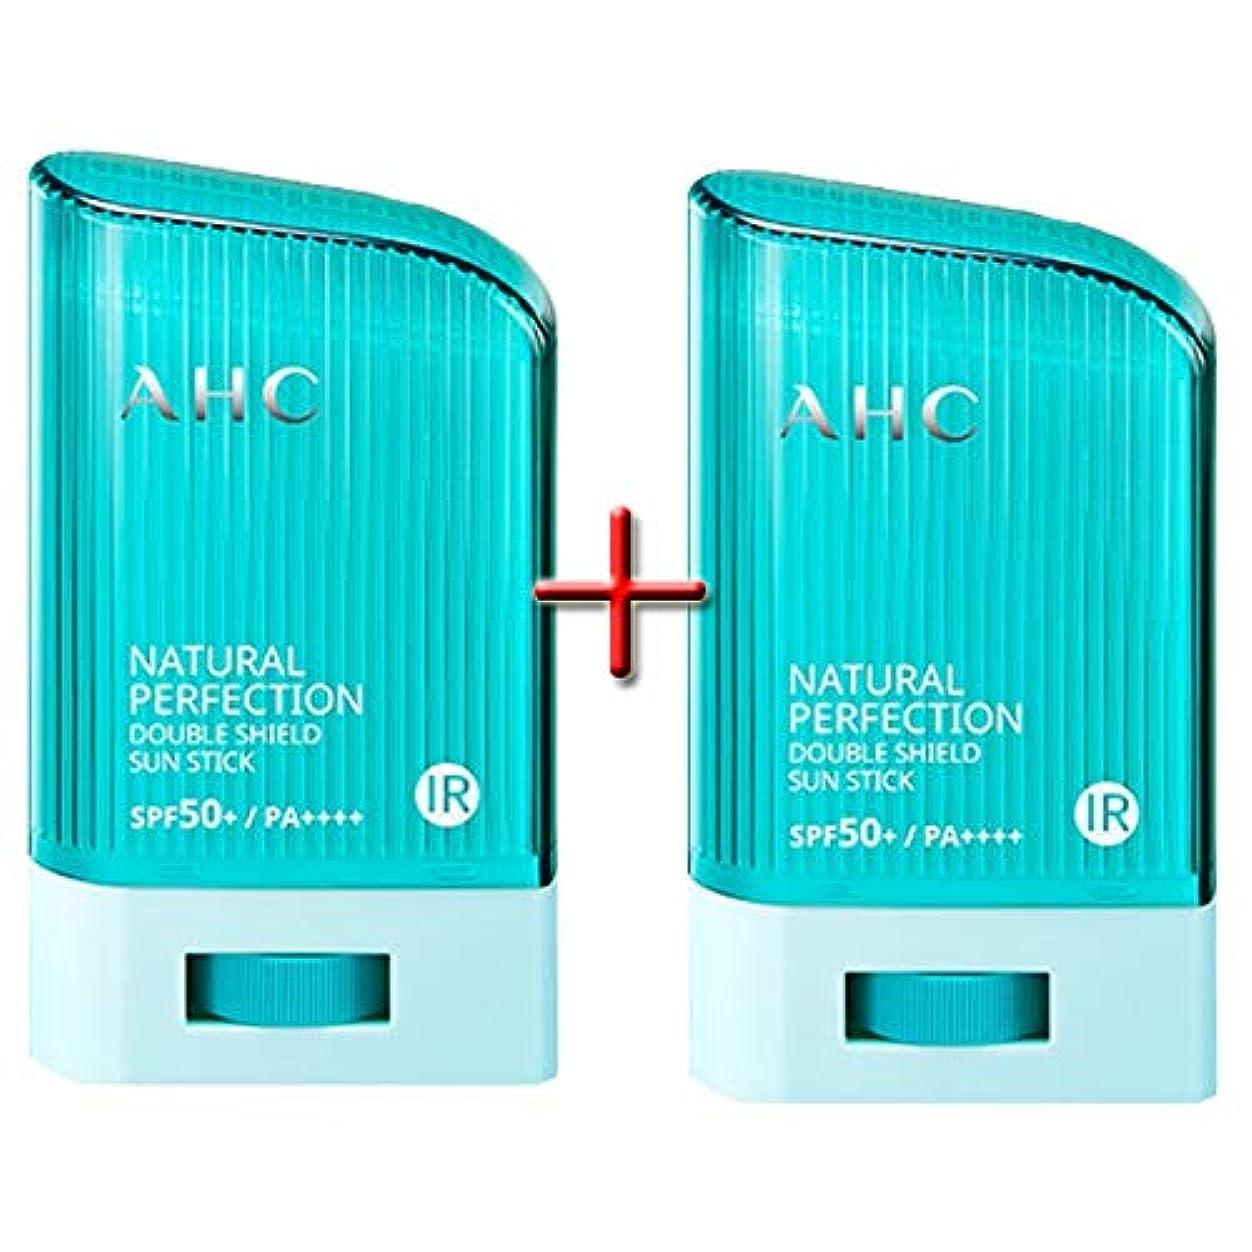 未知の称賛委員会[ 1+1 ] AHC ナチュラルパーフェクションダブルシールドサンスティック 22g, Natural Perfection Double Shield Sun Stick SPF50+ PA++++